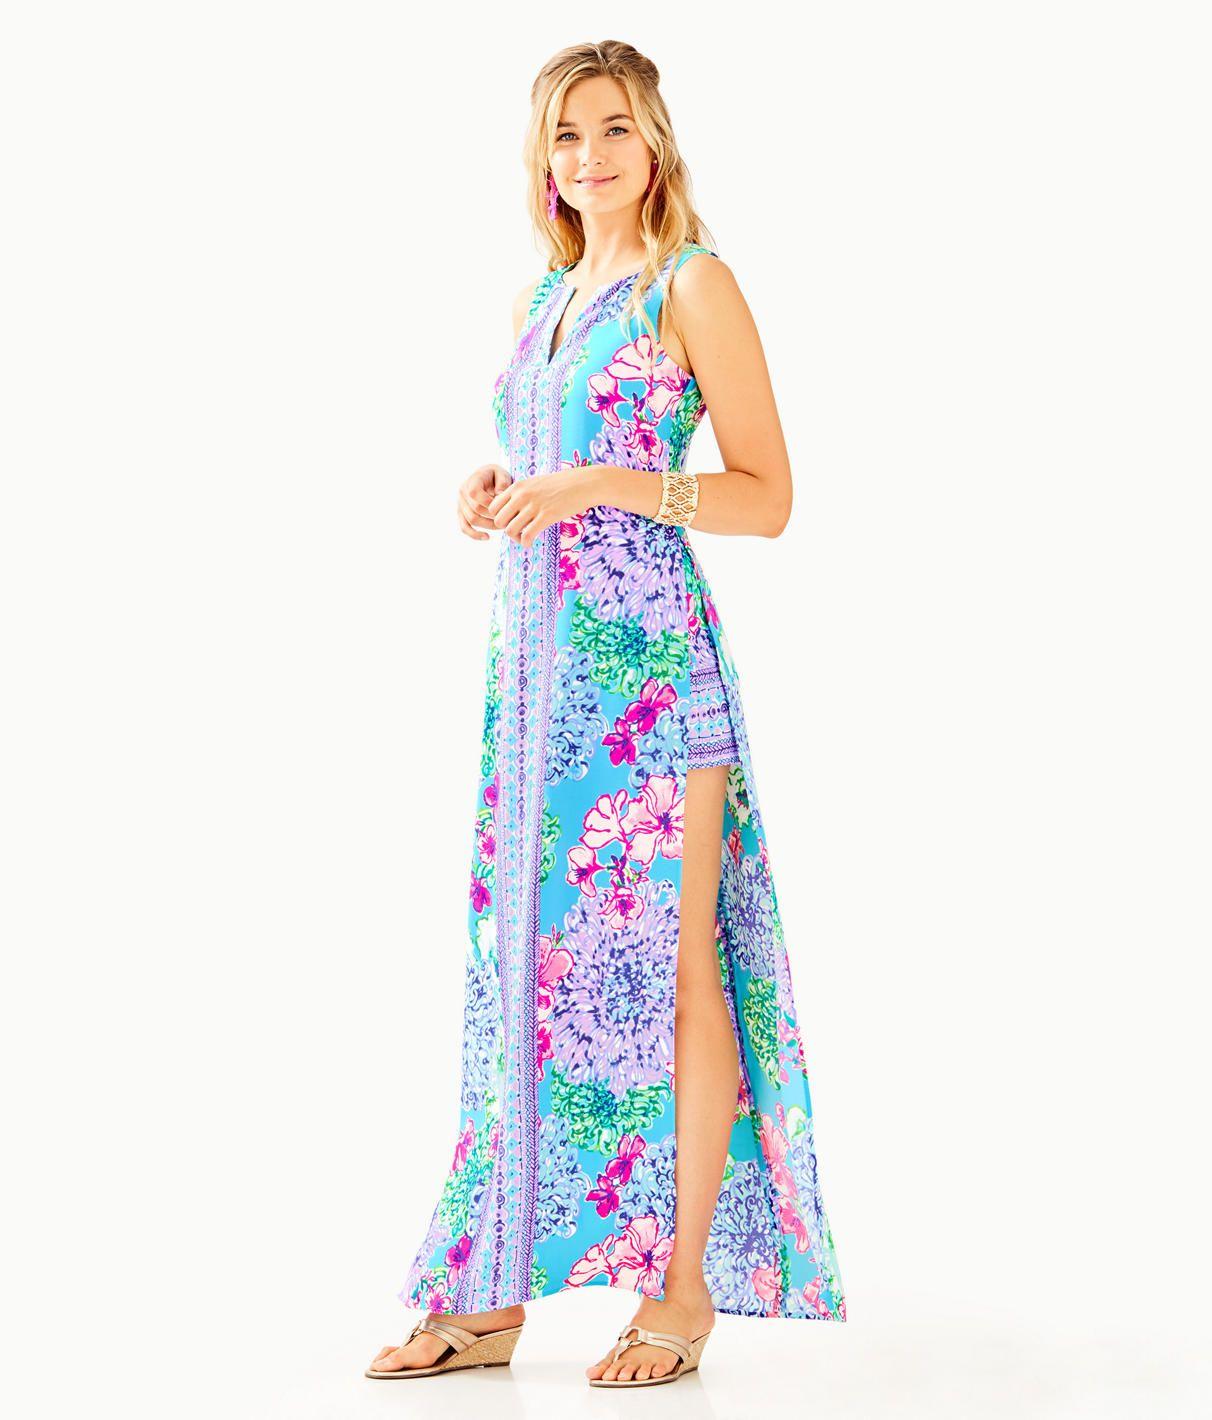 cbfdc133ded90d Donna Maxi Romper | Lily Pulitzer | Maxi romper, Fashion, Women's ...